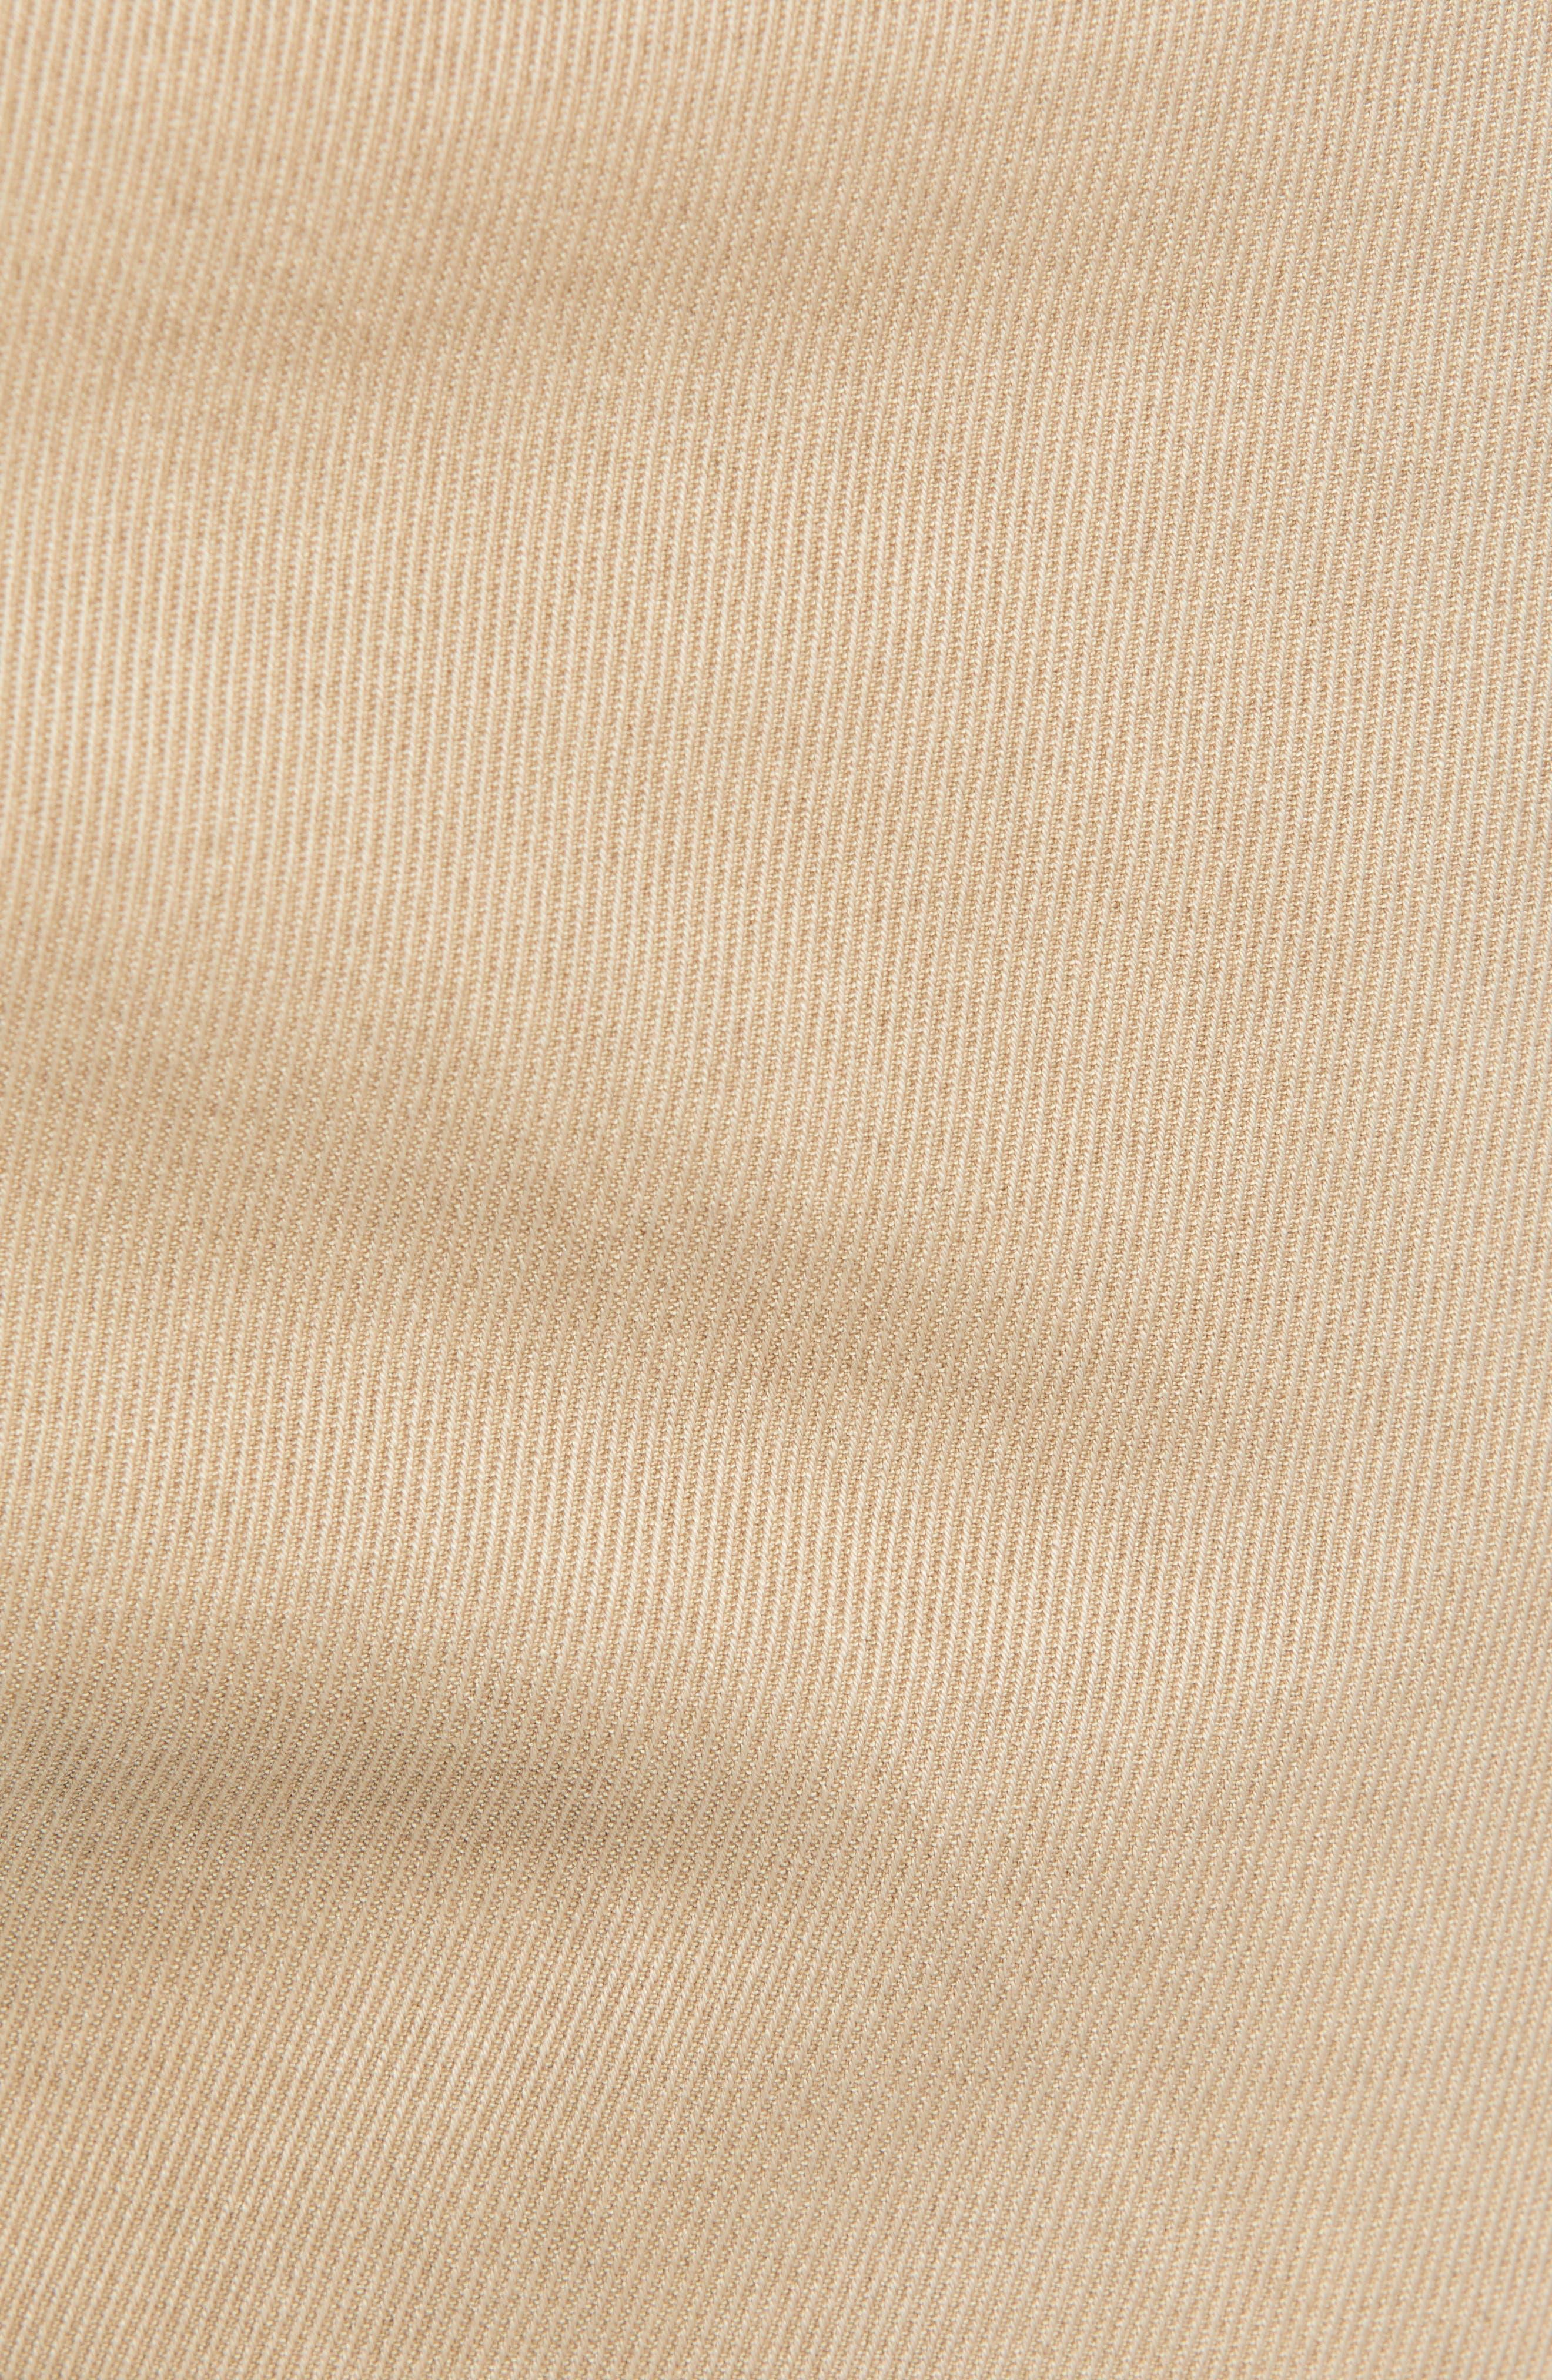 Comfort Twill Five-Pocket Pants,                             Alternate thumbnail 5, color,                             KHAKI